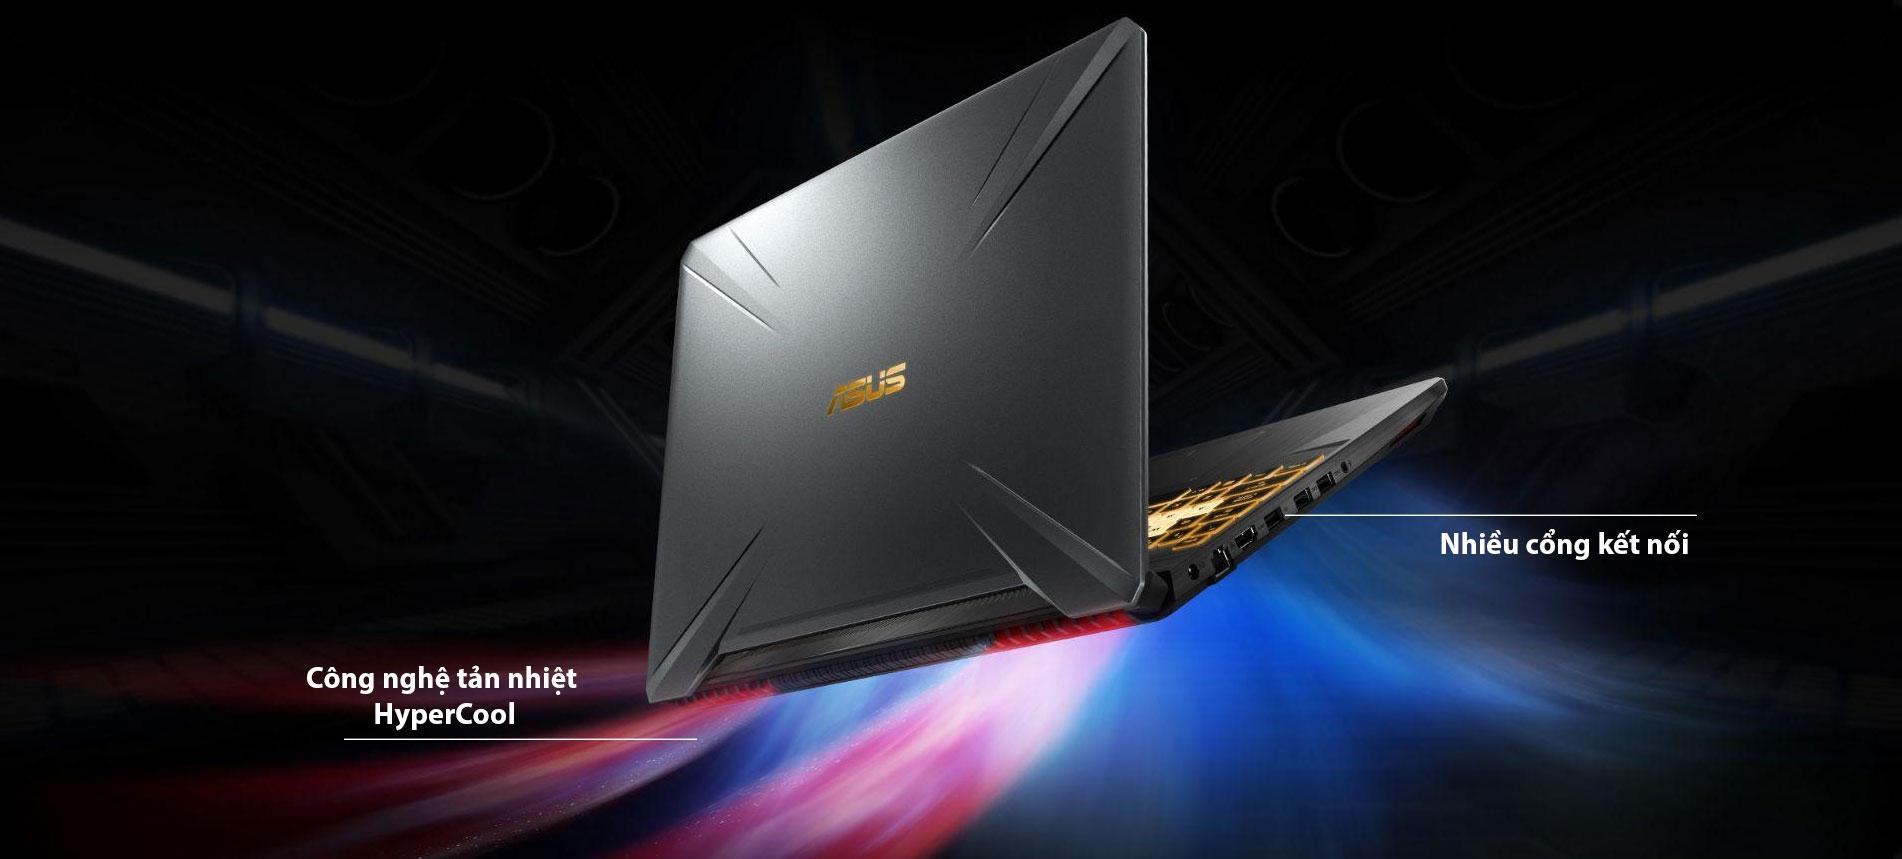 Asus Gaming TUF FX506LH-HN002T Core i5-10300H/8GB/512GB NVMe/15.6 FHD 144Hz/GTX1650 4GB/Win10/Xám